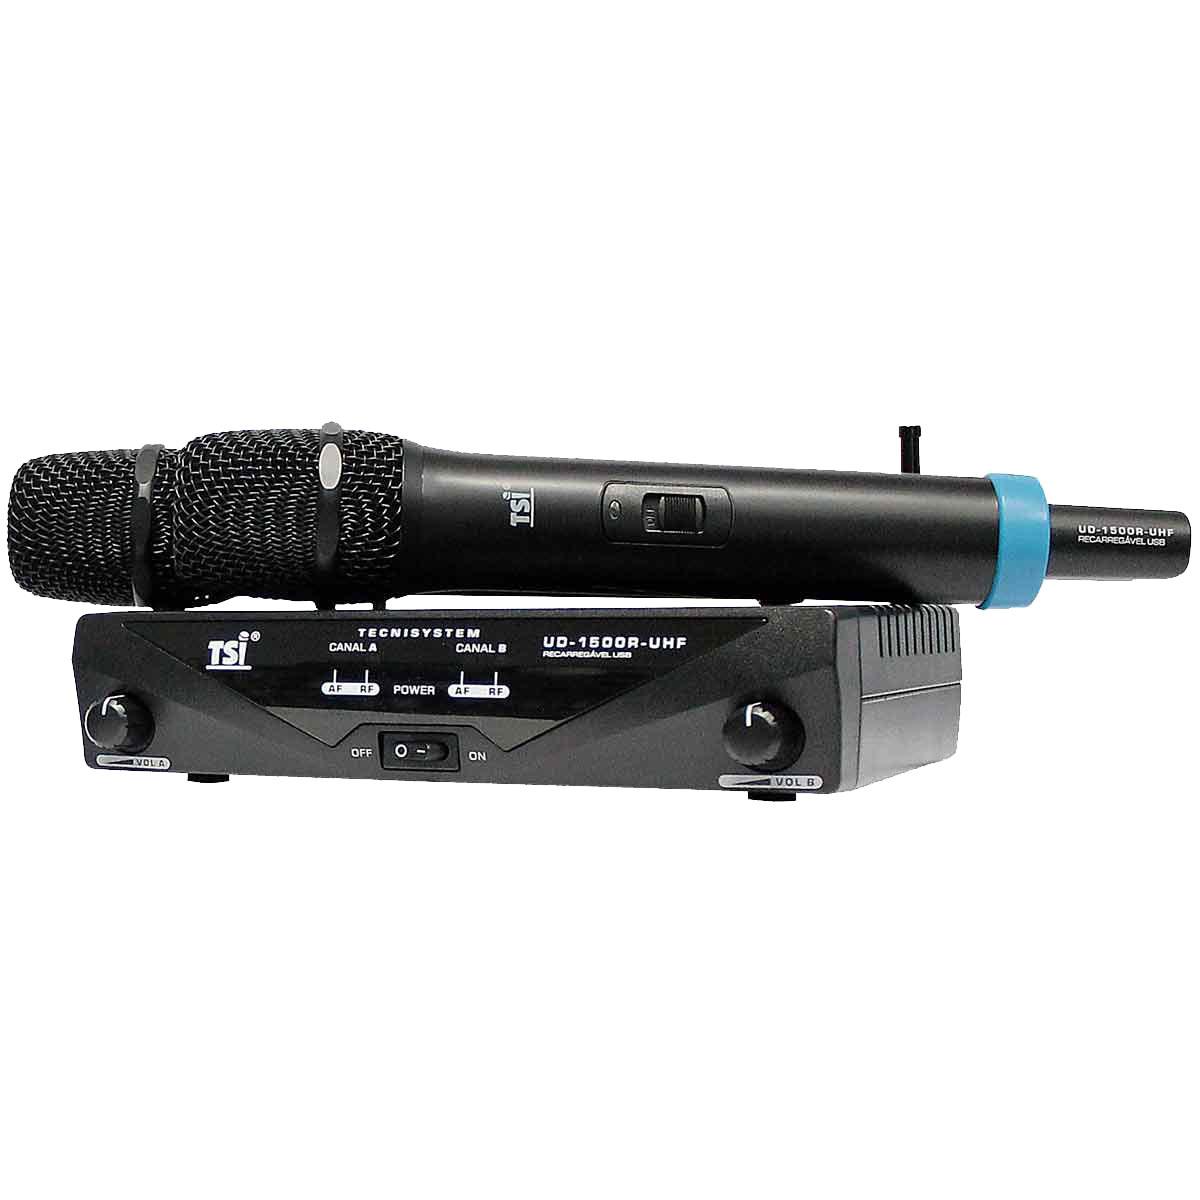 Microfone s/ Fio de Mão Duplo UHF UD-1500R-UHF - TSI